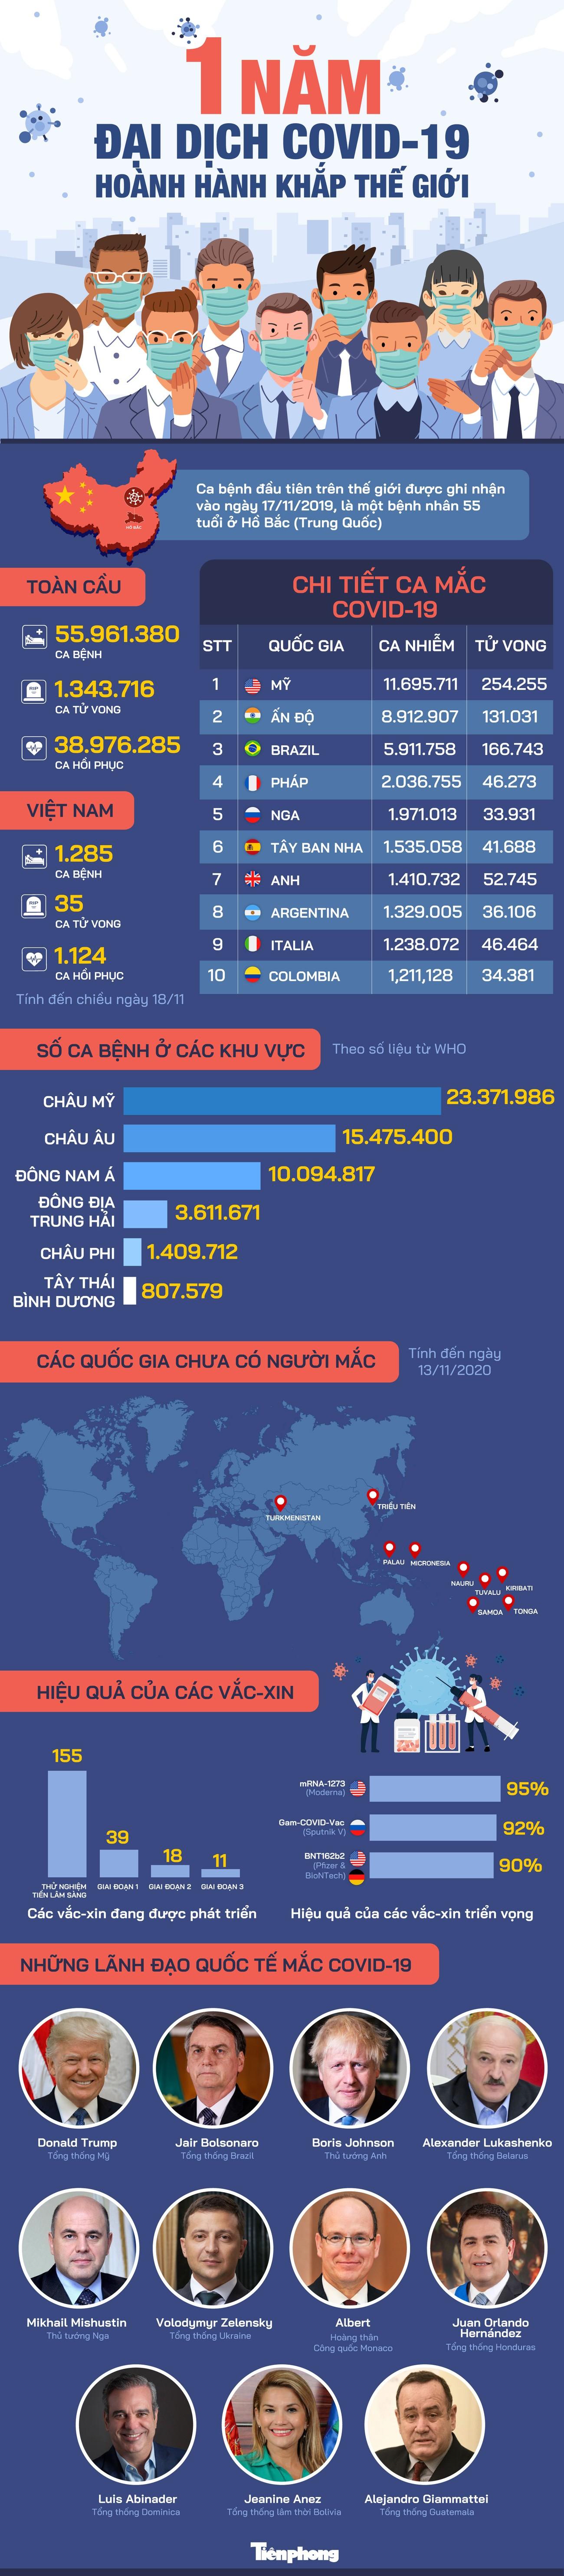 Một năm đại dịch COVID-19 hoành hành khắp thế giới ảnh 1